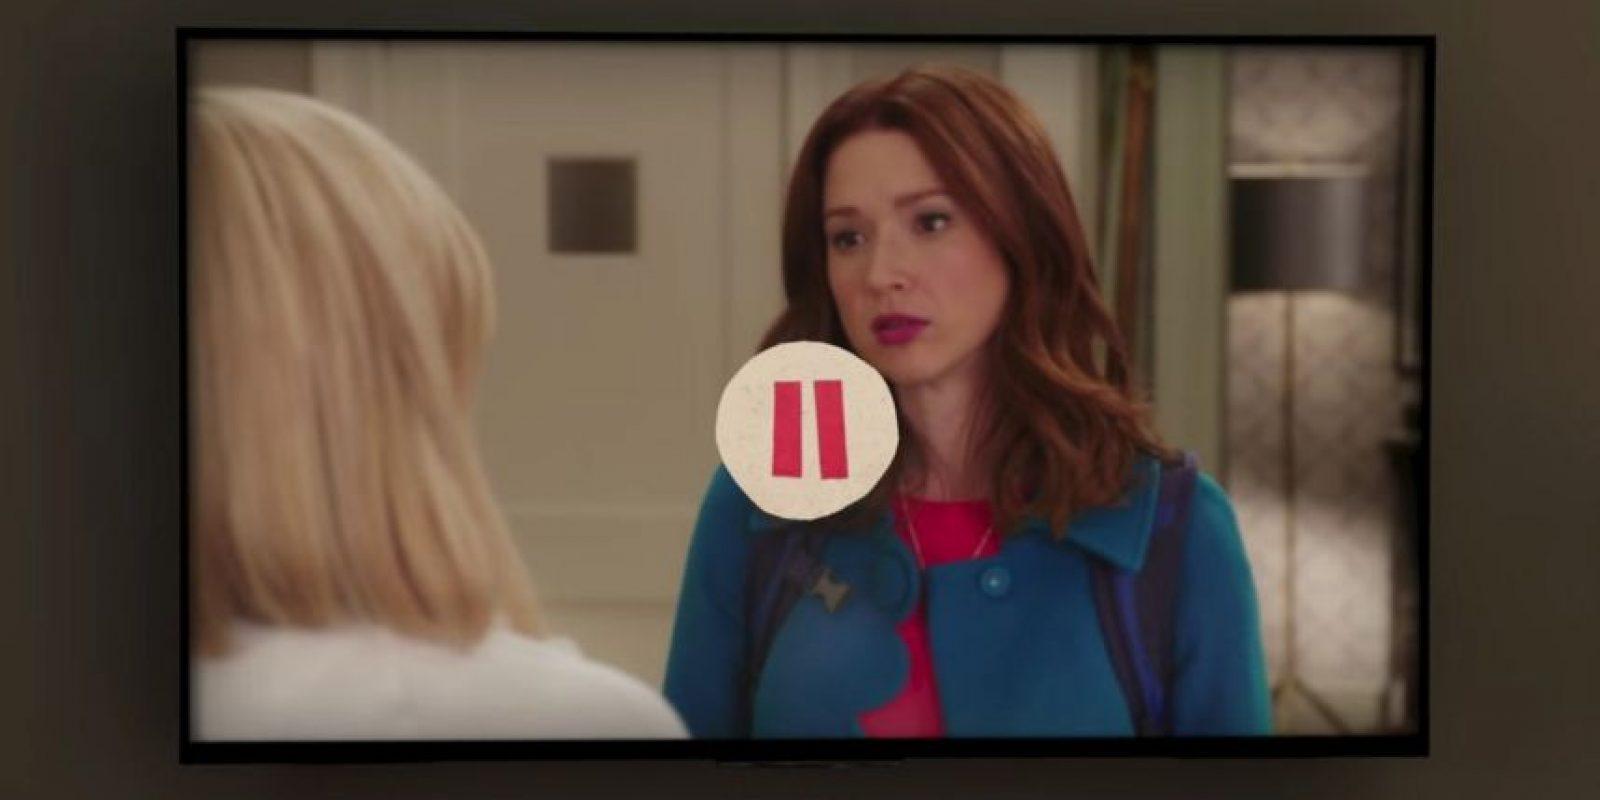 En ese momento pausan el episodio, película o documental que estaban viendo. Foto:Netflix